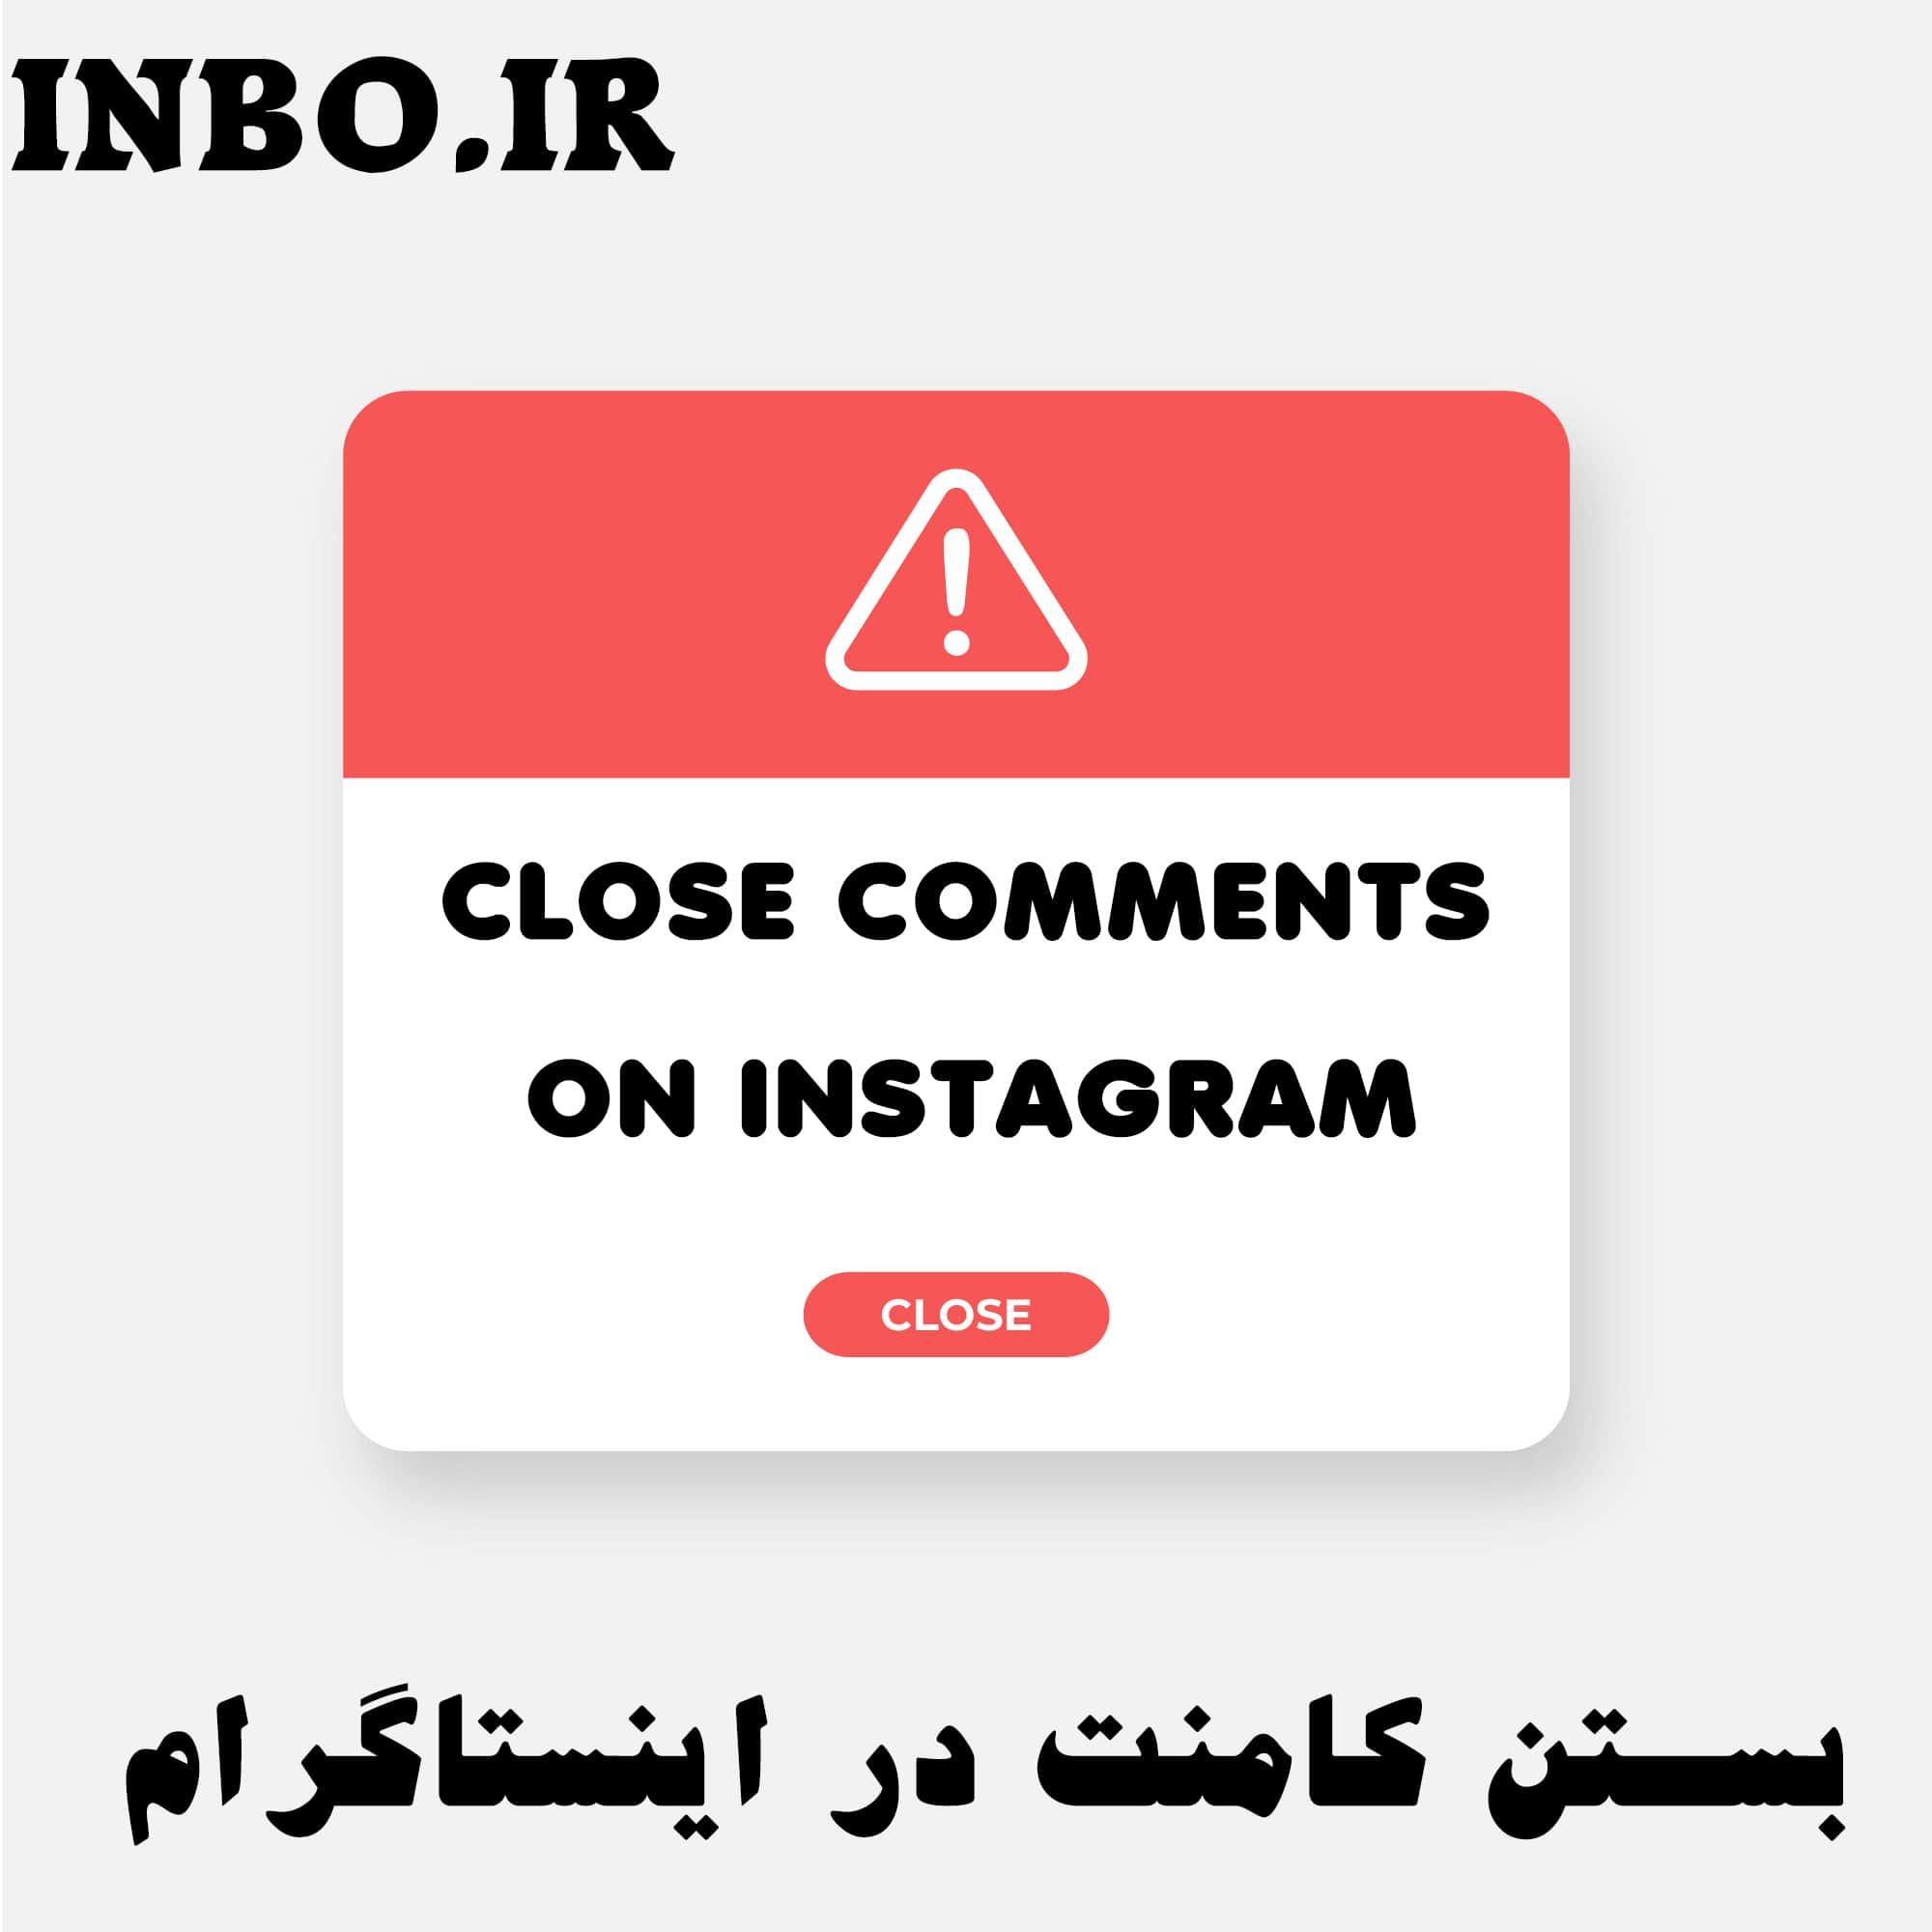 بستن کامنت در اینستاگرام